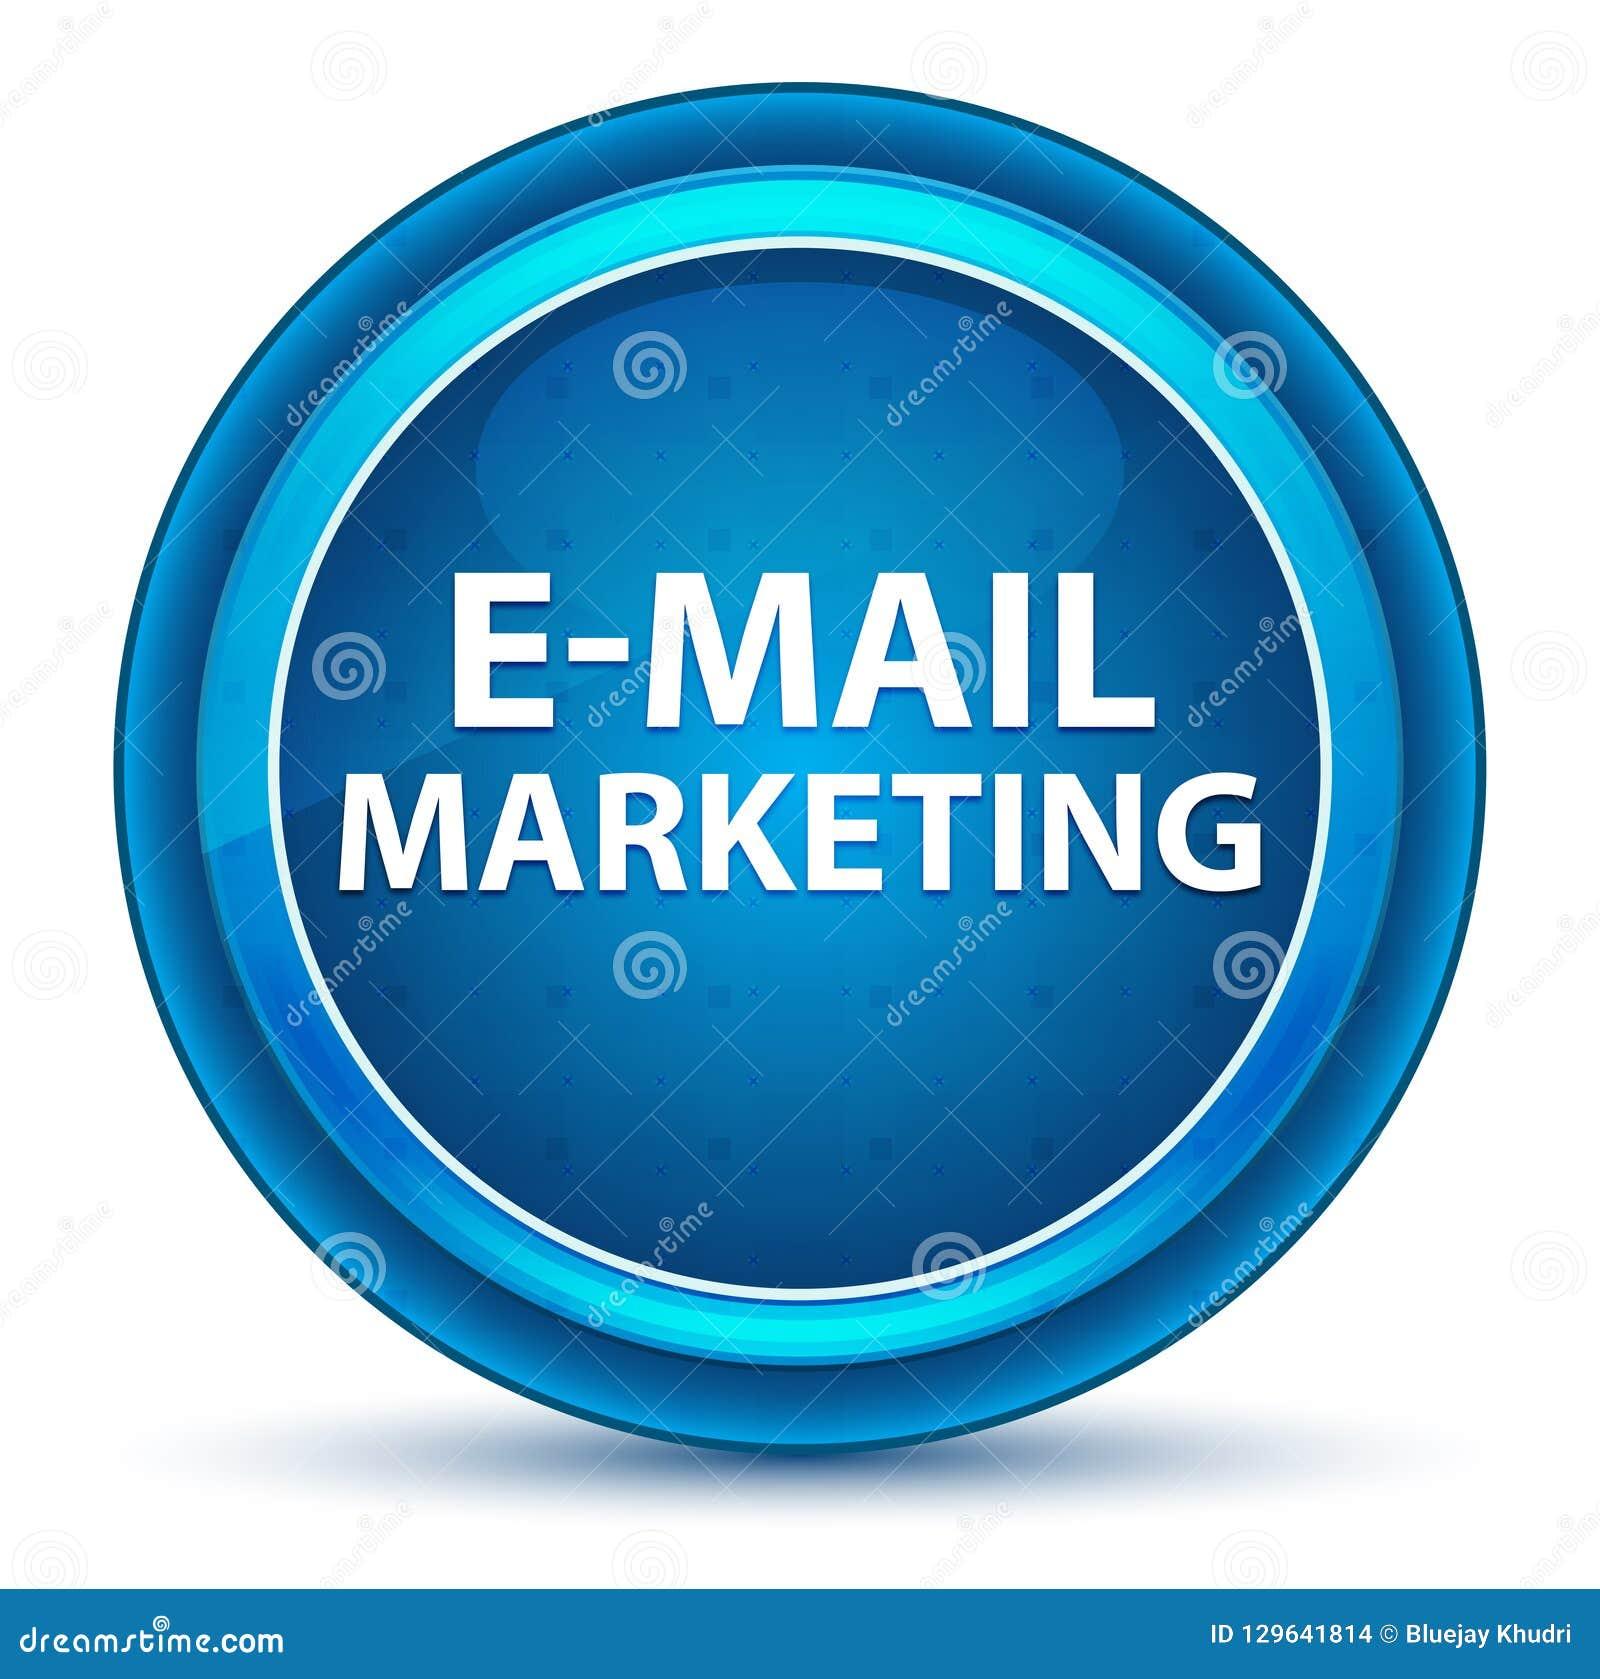 Μπλε στρογγυλό κουμπί βολβών του ματιού μάρκετινγκ ηλεκτρονικού ταχυδρομείου